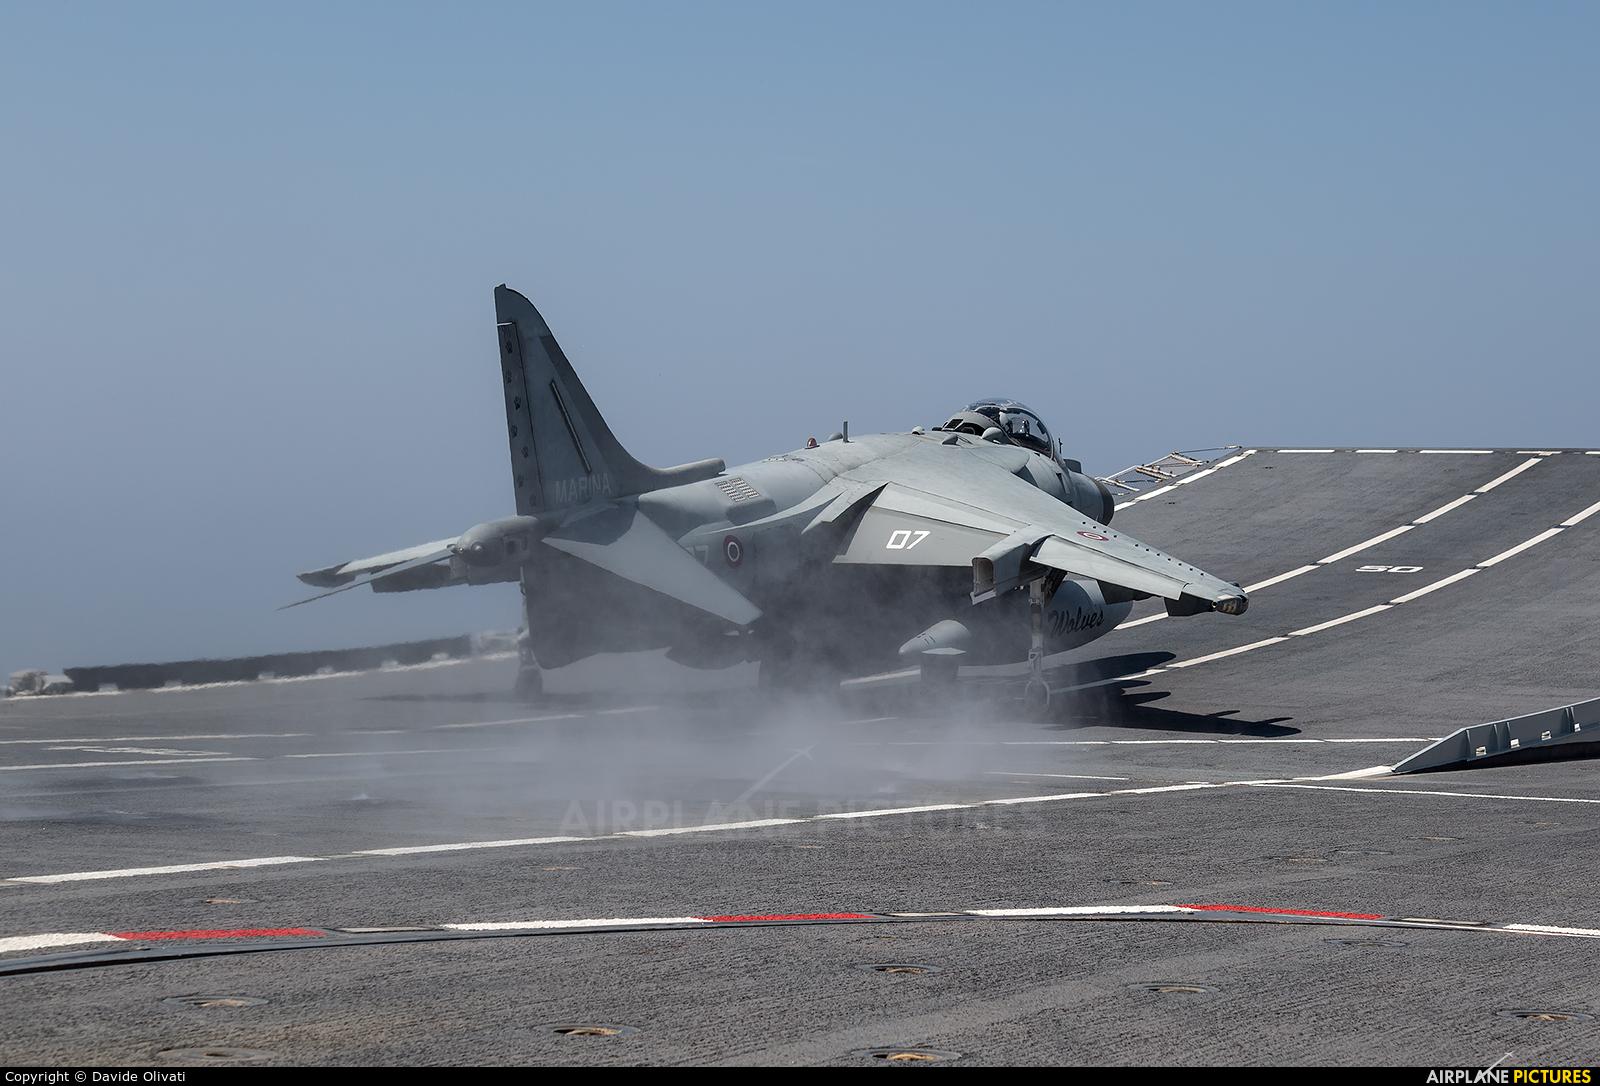 Italy - Navy MM7213 aircraft at Off Airport - Italy